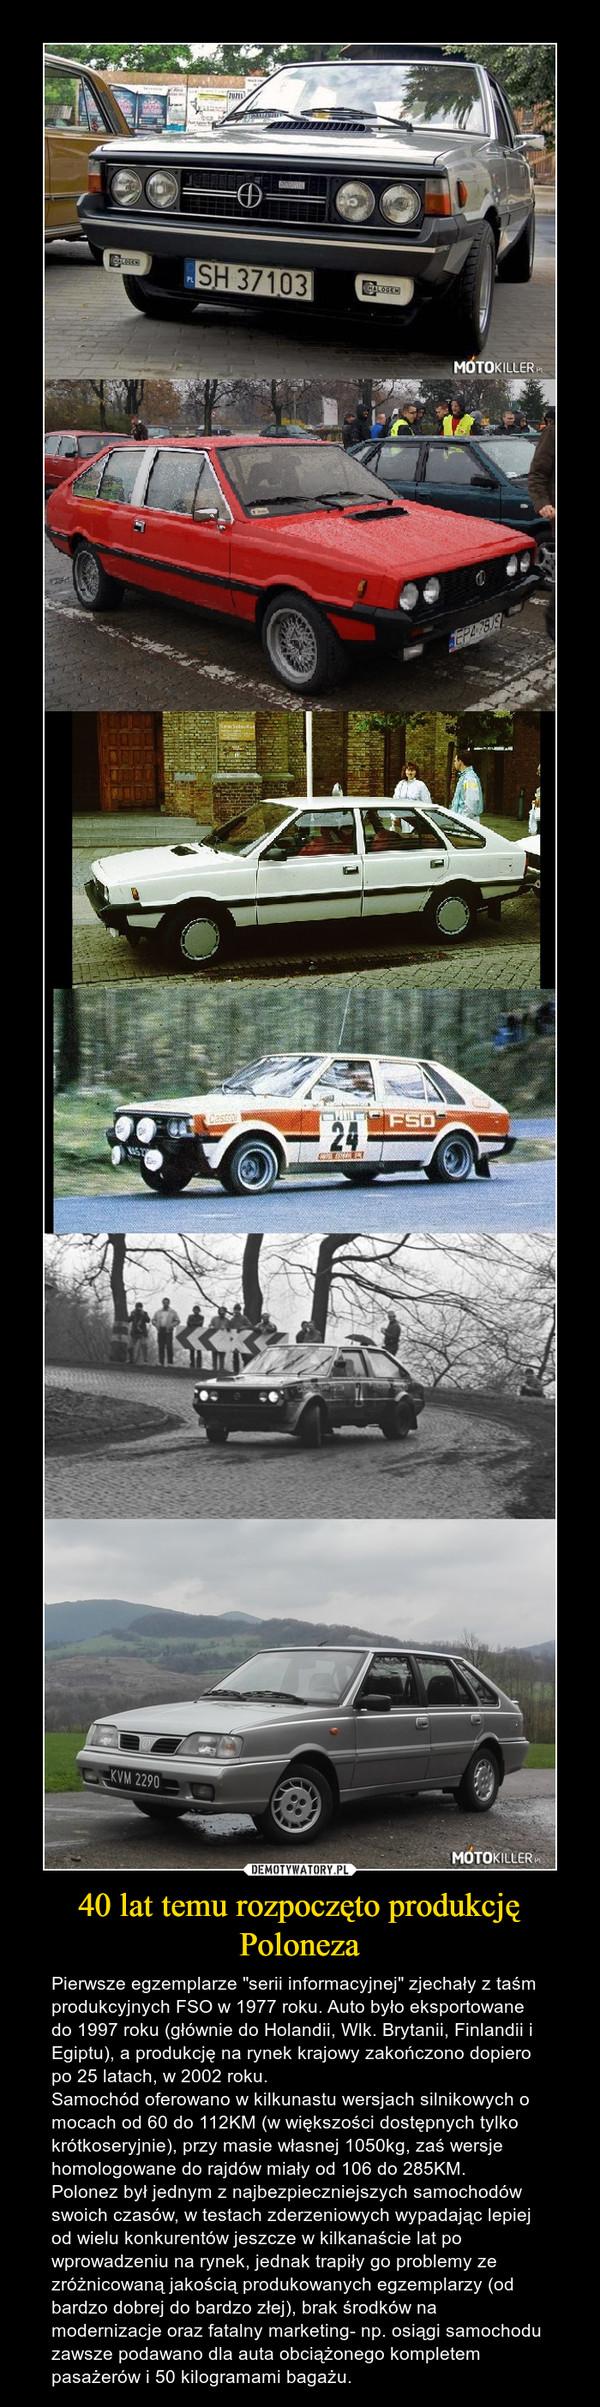 """40 lat temu rozpoczęto produkcję Poloneza – Pierwsze egzemplarze """"serii informacyjnej"""" zjechały z taśm produkcyjnych FSO w 1977 roku. Auto było eksportowane do 1997 roku (głównie do Holandii, Wlk. Brytanii, Finlandii i Egiptu), a produkcję na rynek krajowy zakończono dopiero po 25 latach, w 2002 roku. Samochód oferowano w kilkunastu wersjach silnikowych o mocach od 60 do 112KM (w większości dostępnych tylko krótkoseryjnie), przy masie własnej 1050kg, zaś wersje homologowane do rajdów miały od 106 do 285KM.Polonez był jednym z najbezpieczniejszych samochodów swoich czasów, w testach zderzeniowych wypadając lepiej od wielu konkurentów jeszcze w kilkanaście lat po wprowadzeniu na rynek, jednak trapiły go problemy ze zróżnicowaną jakością produkowanych egzemplarzy (od bardzo dobrej do bardzo złej), brak środków na modernizacje oraz fatalny marketing- np. osiągi samochodu zawsze podawano dla auta obciążonego kompletem pasażerów i 50 kilogramami bagażu."""